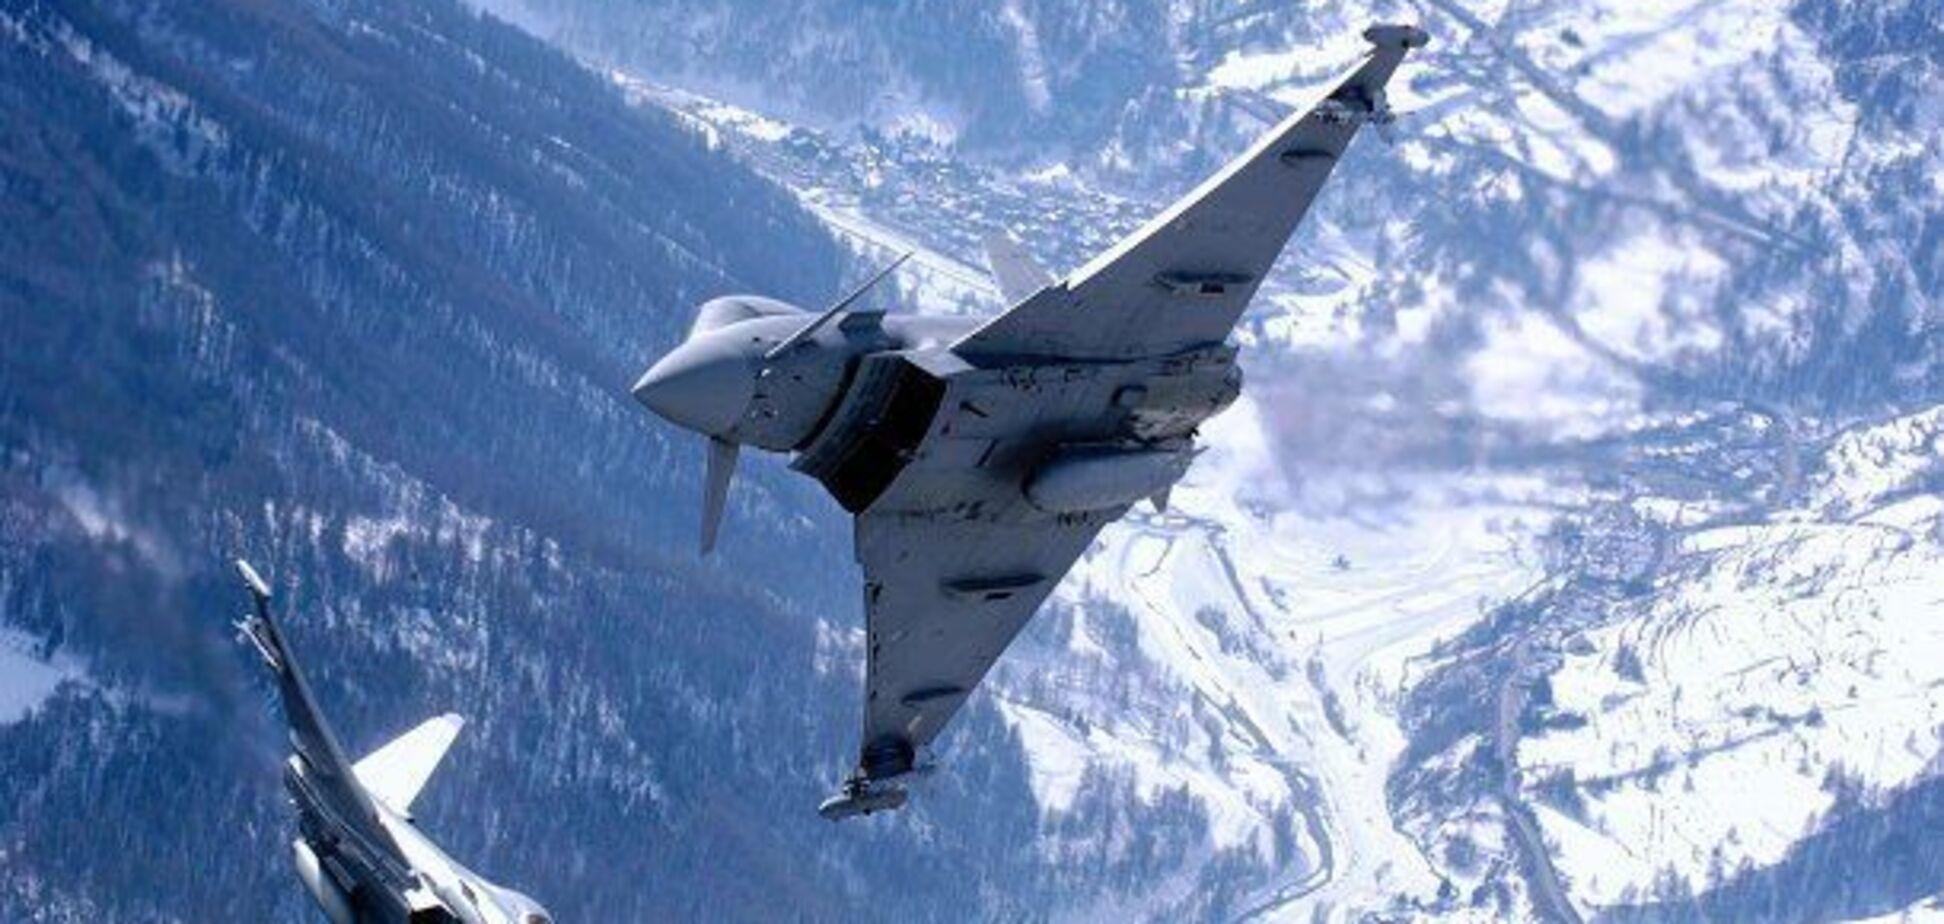 Військові літаки Росії і НАТО 'зіткнулися' в небі: що відомо